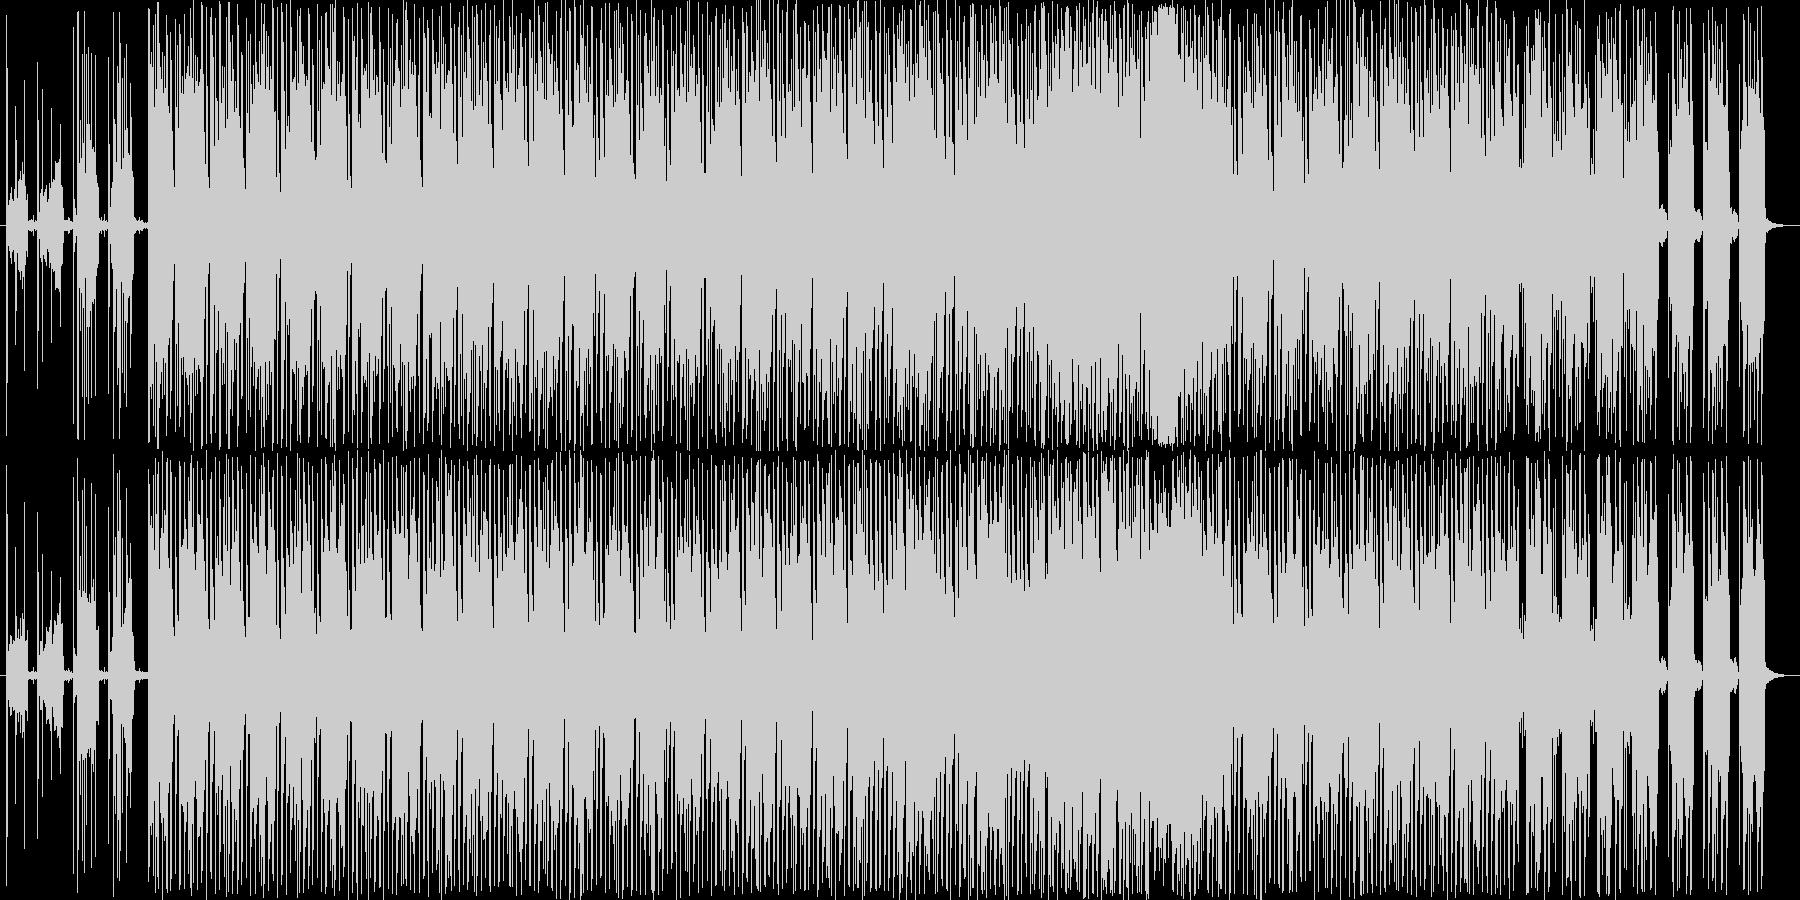 浮遊感のあるエレクトロサウンドの未再生の波形